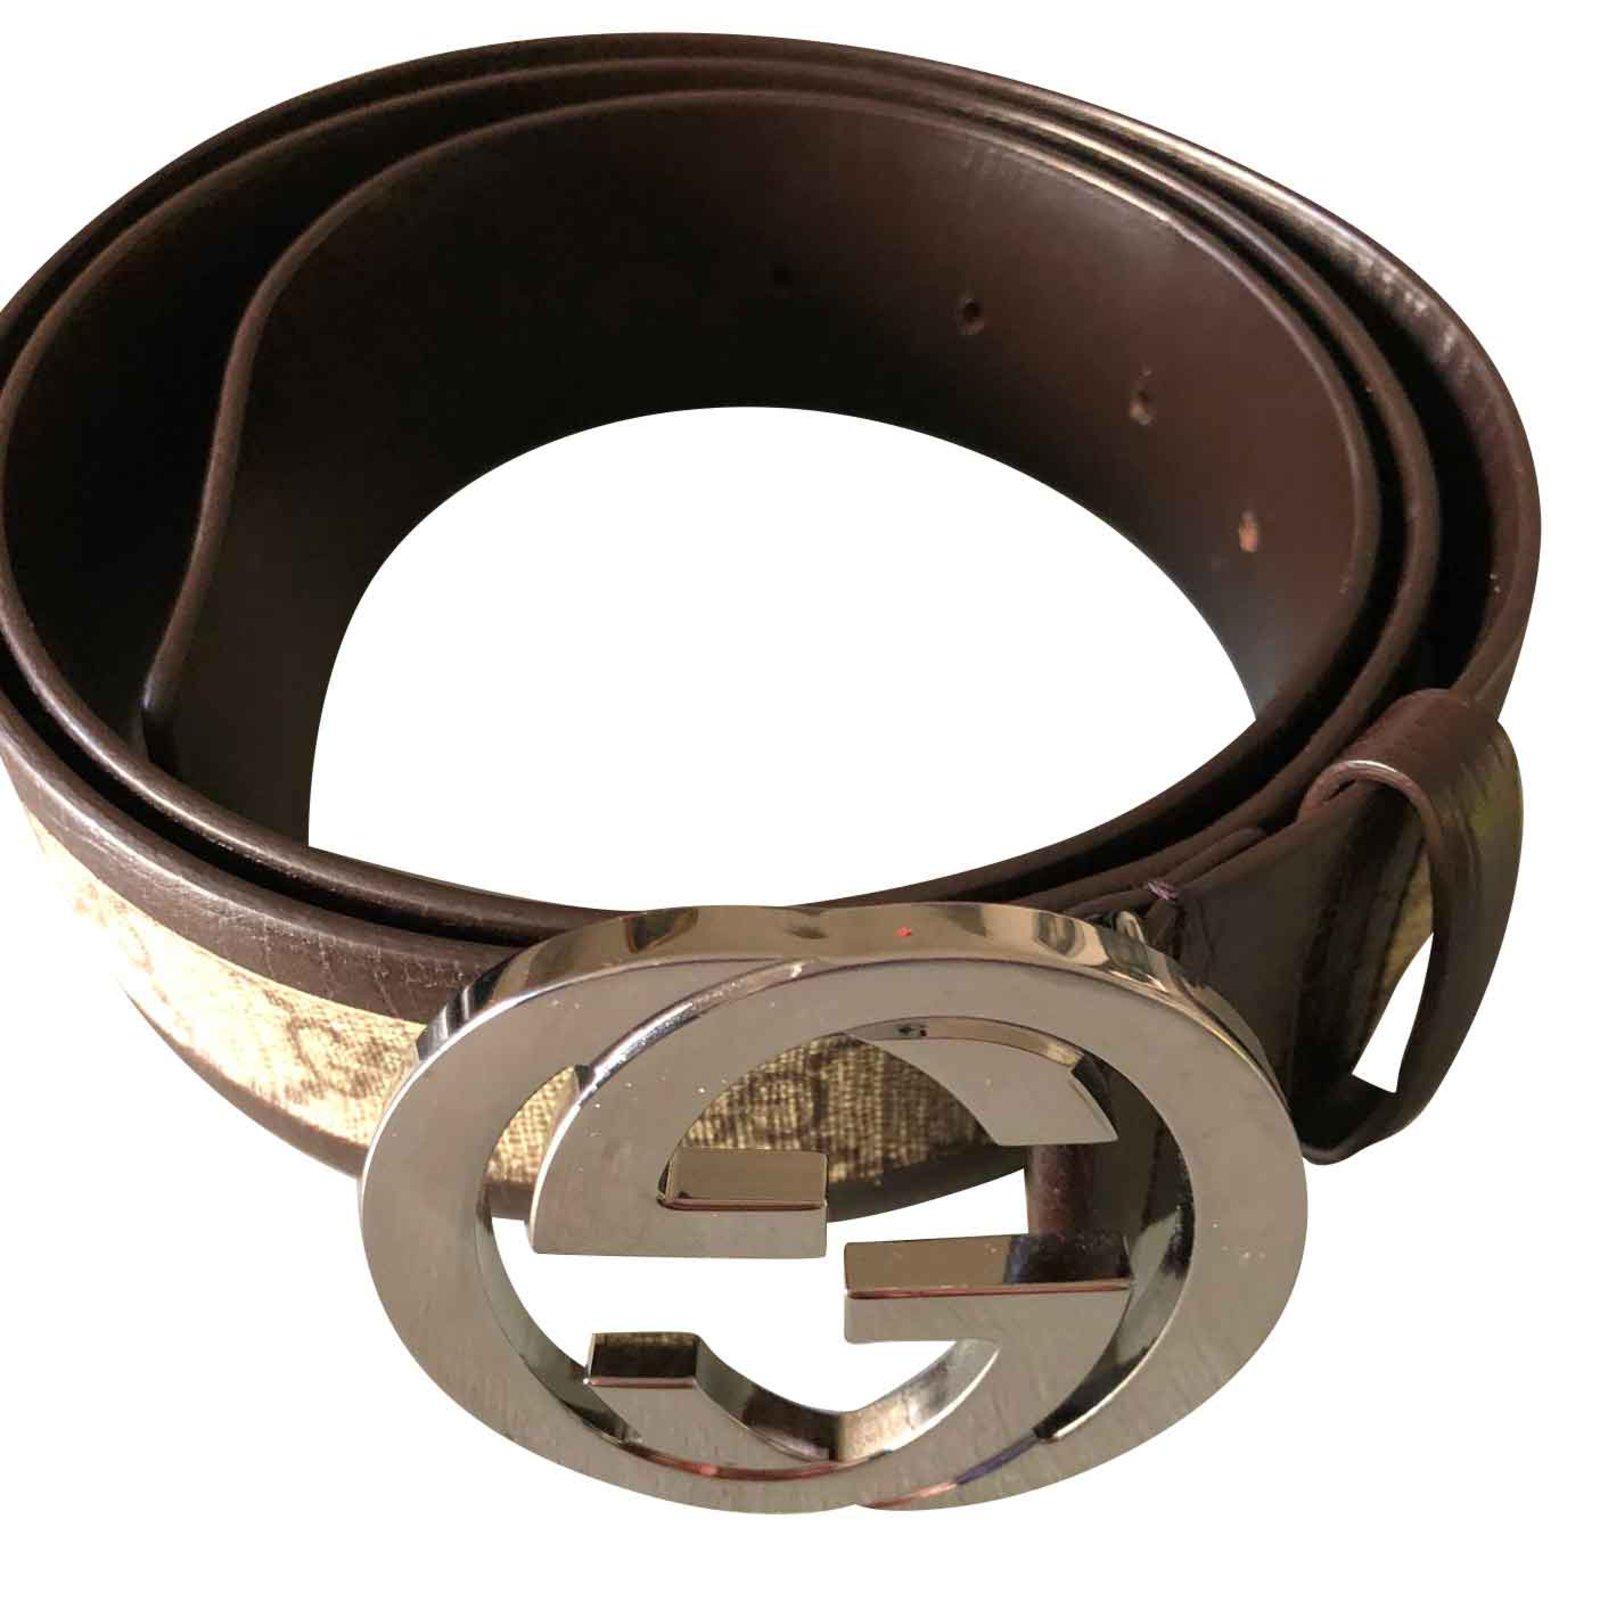 867c5315492b Ceintures homme Gucci Gucci GG Supreme ceinture avec boucle en G Cuir  Marron,Beige ref